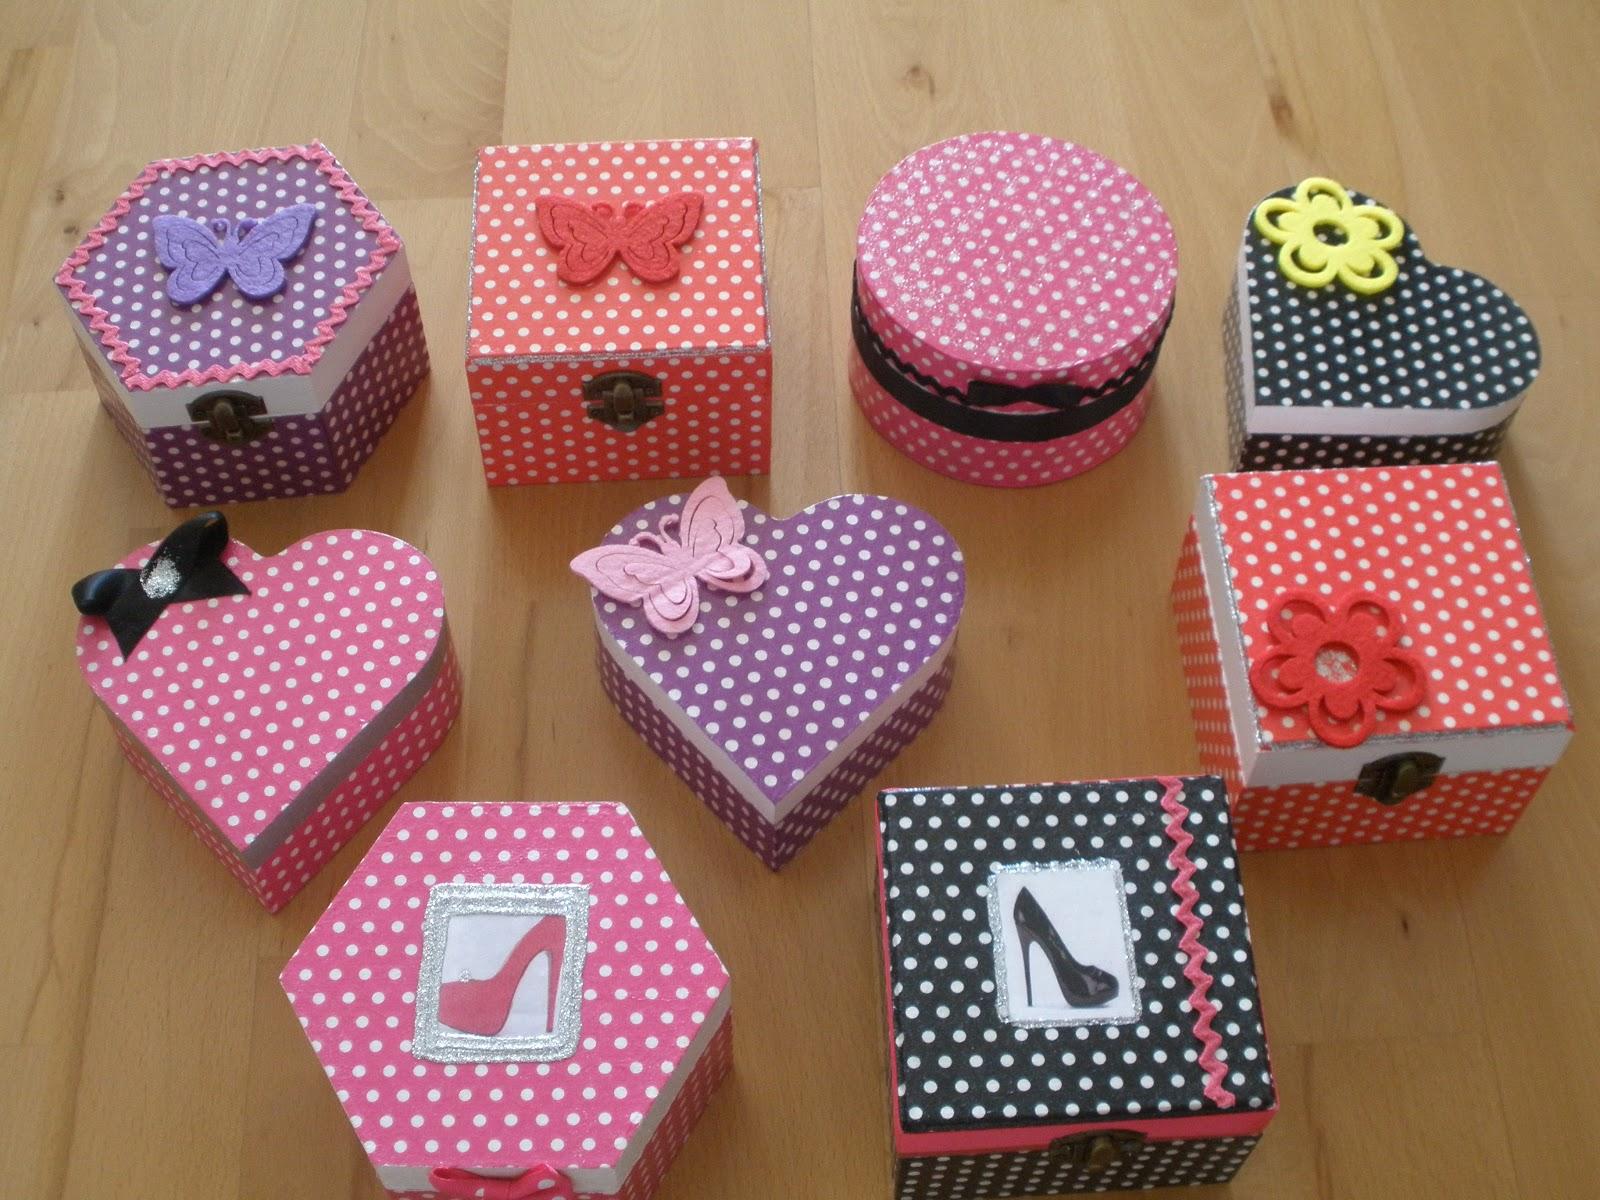 Las cosas de mi tata cajas fashion - Cajas decoradas a mano ...